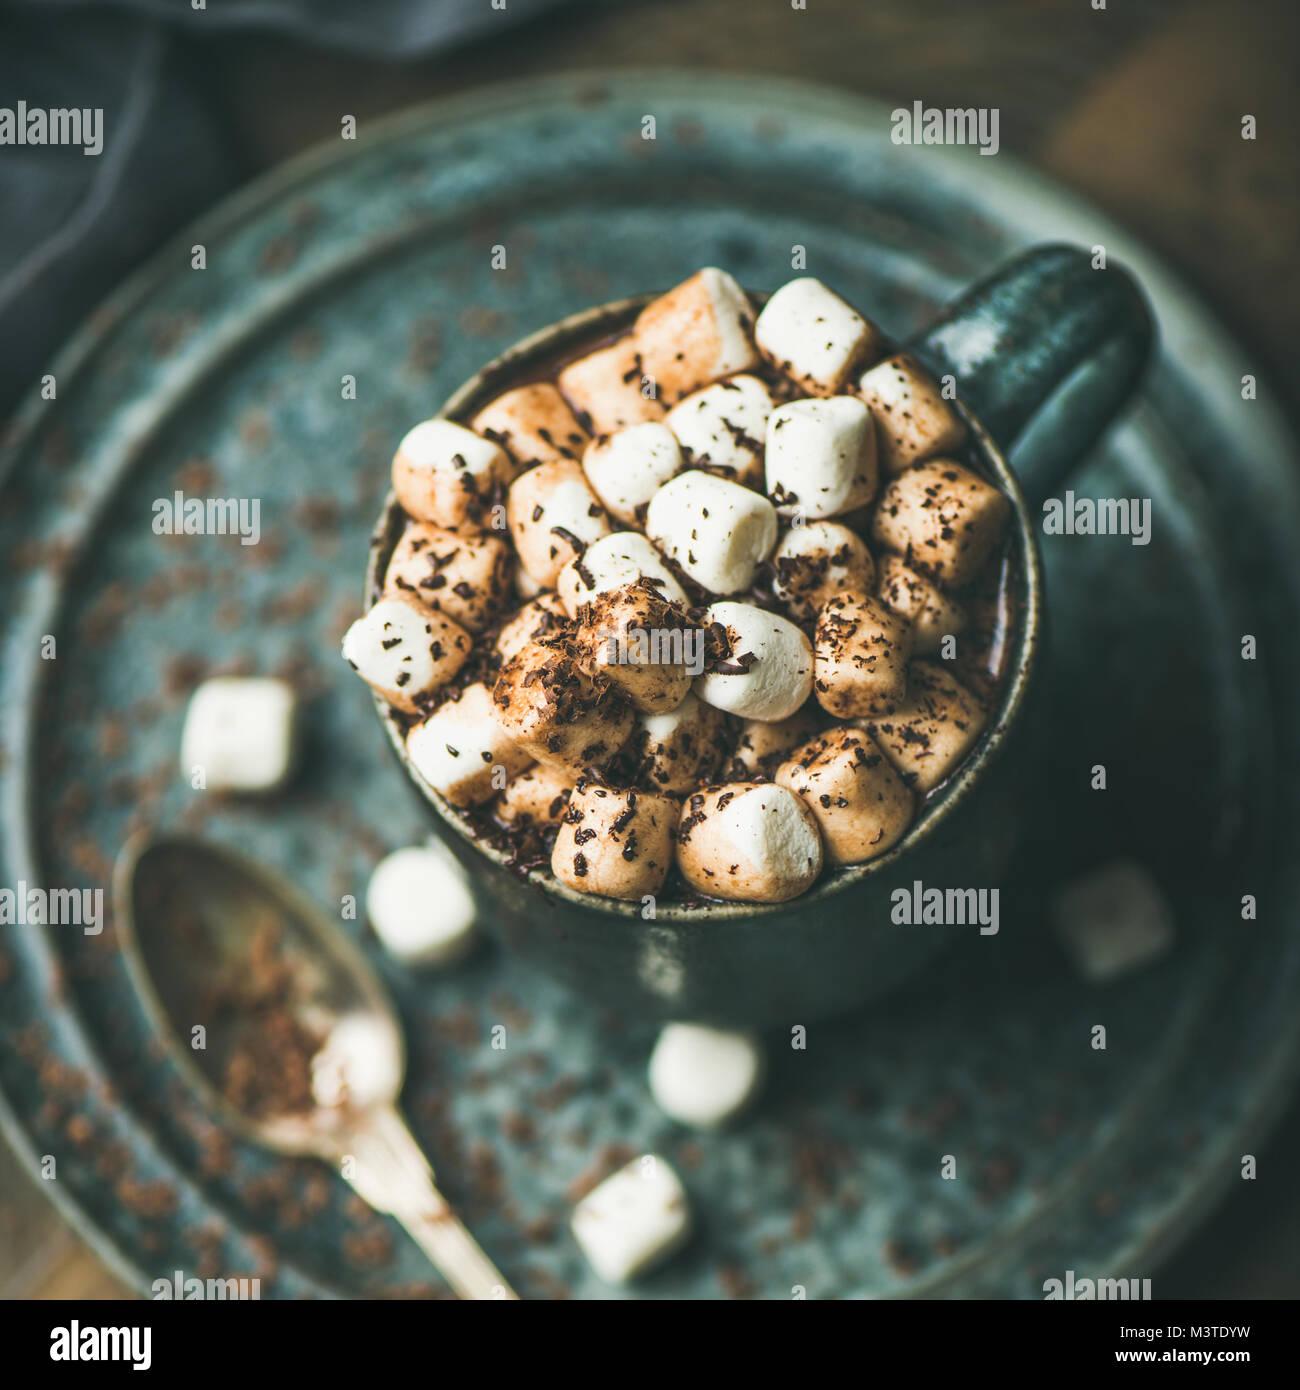 Riscaldamento invernale dolce bere cioccolata calda con marshmallows, quadrato ritaglia Immagini Stock